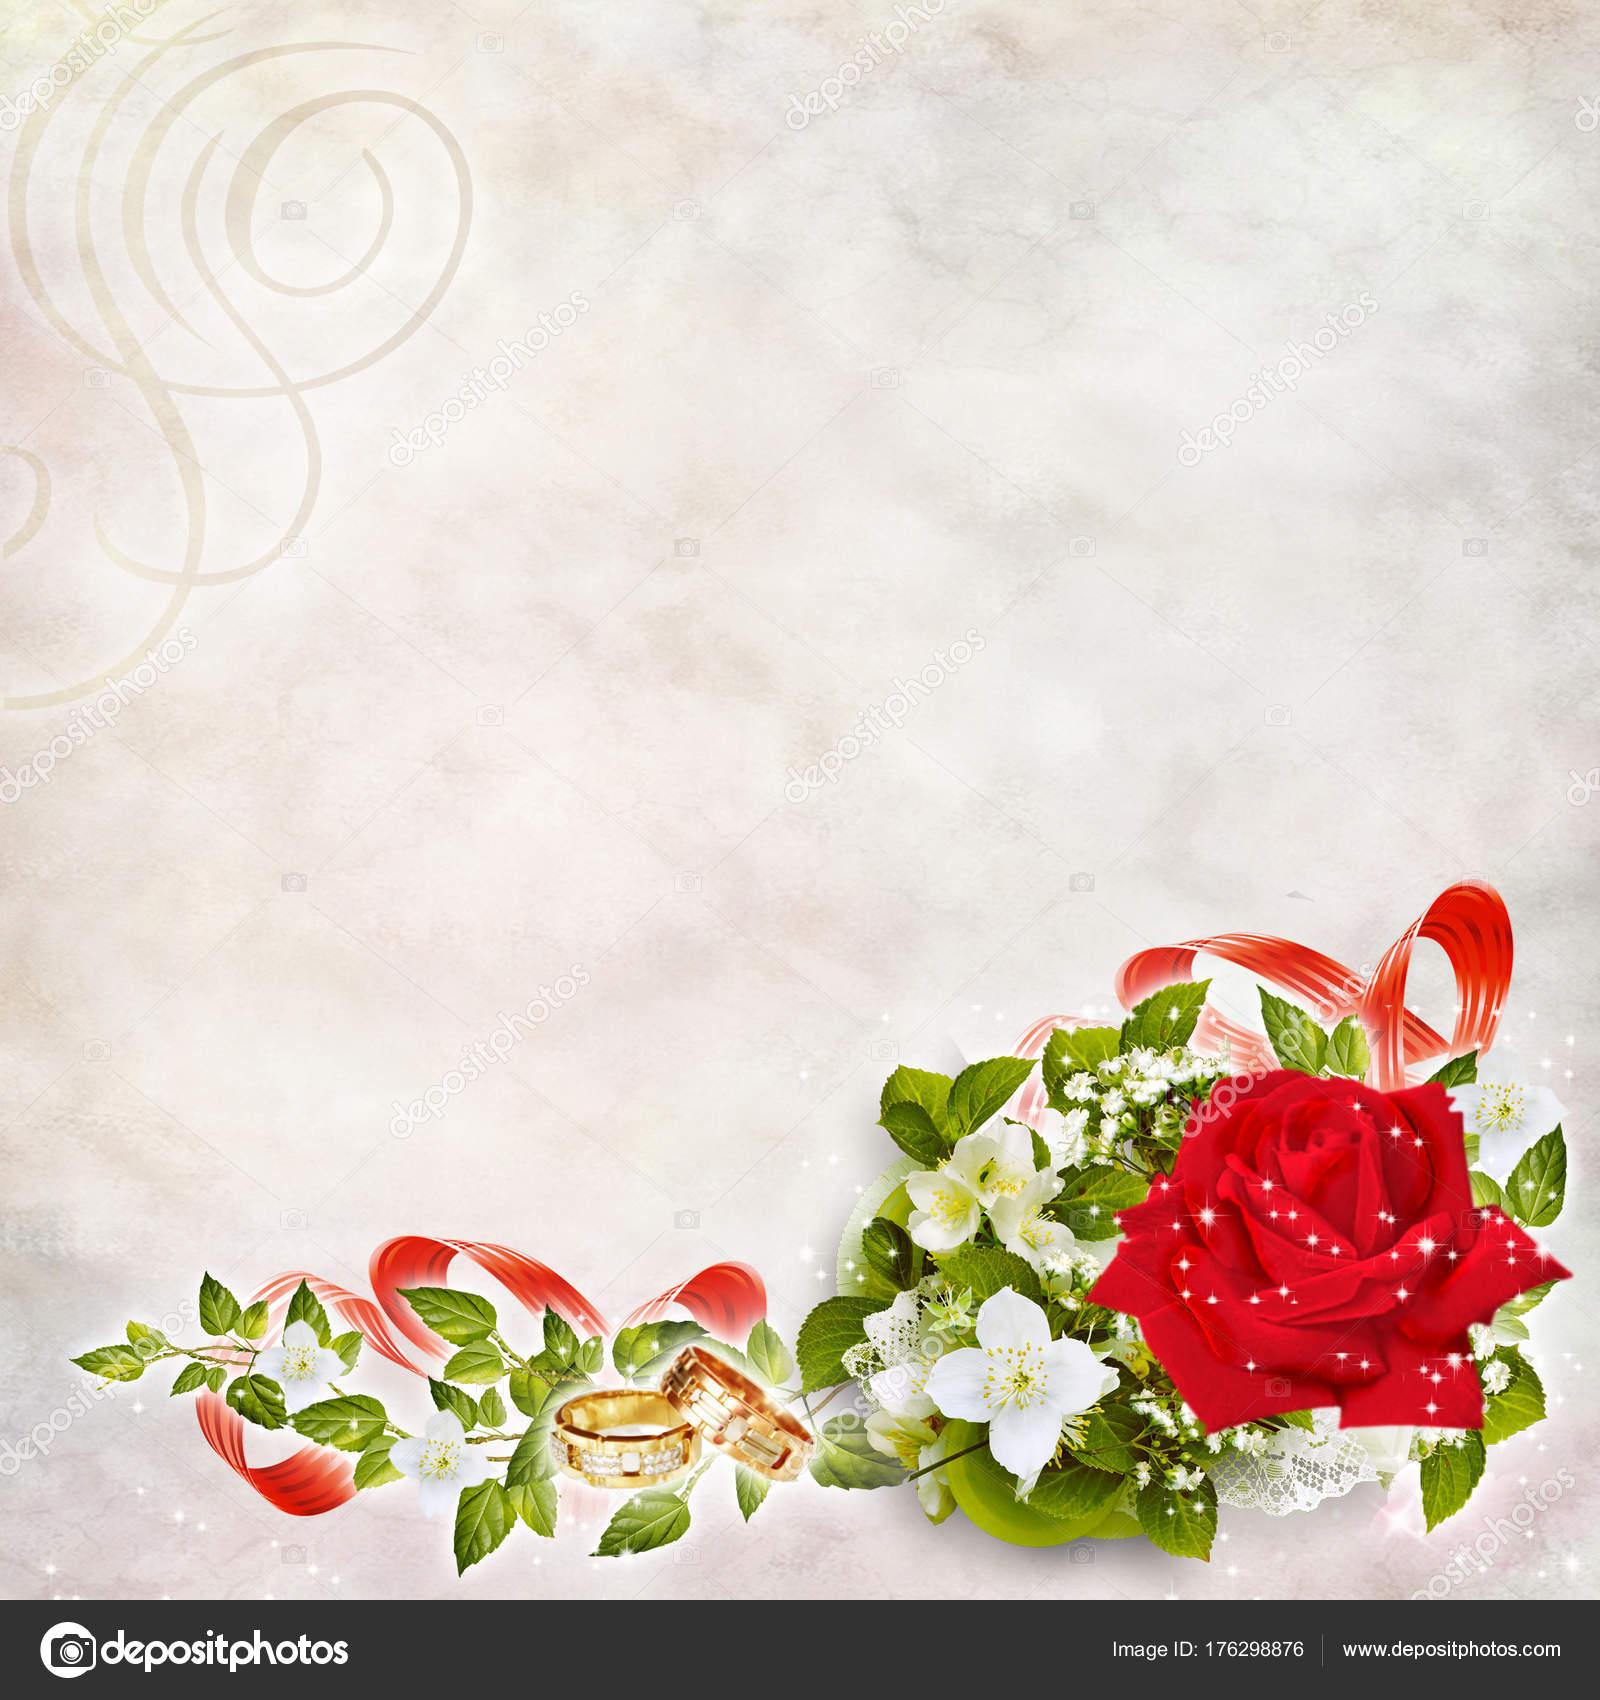 Eine Feierliche Hochzeitskarte Mit Blumen Ringe Bander Schone